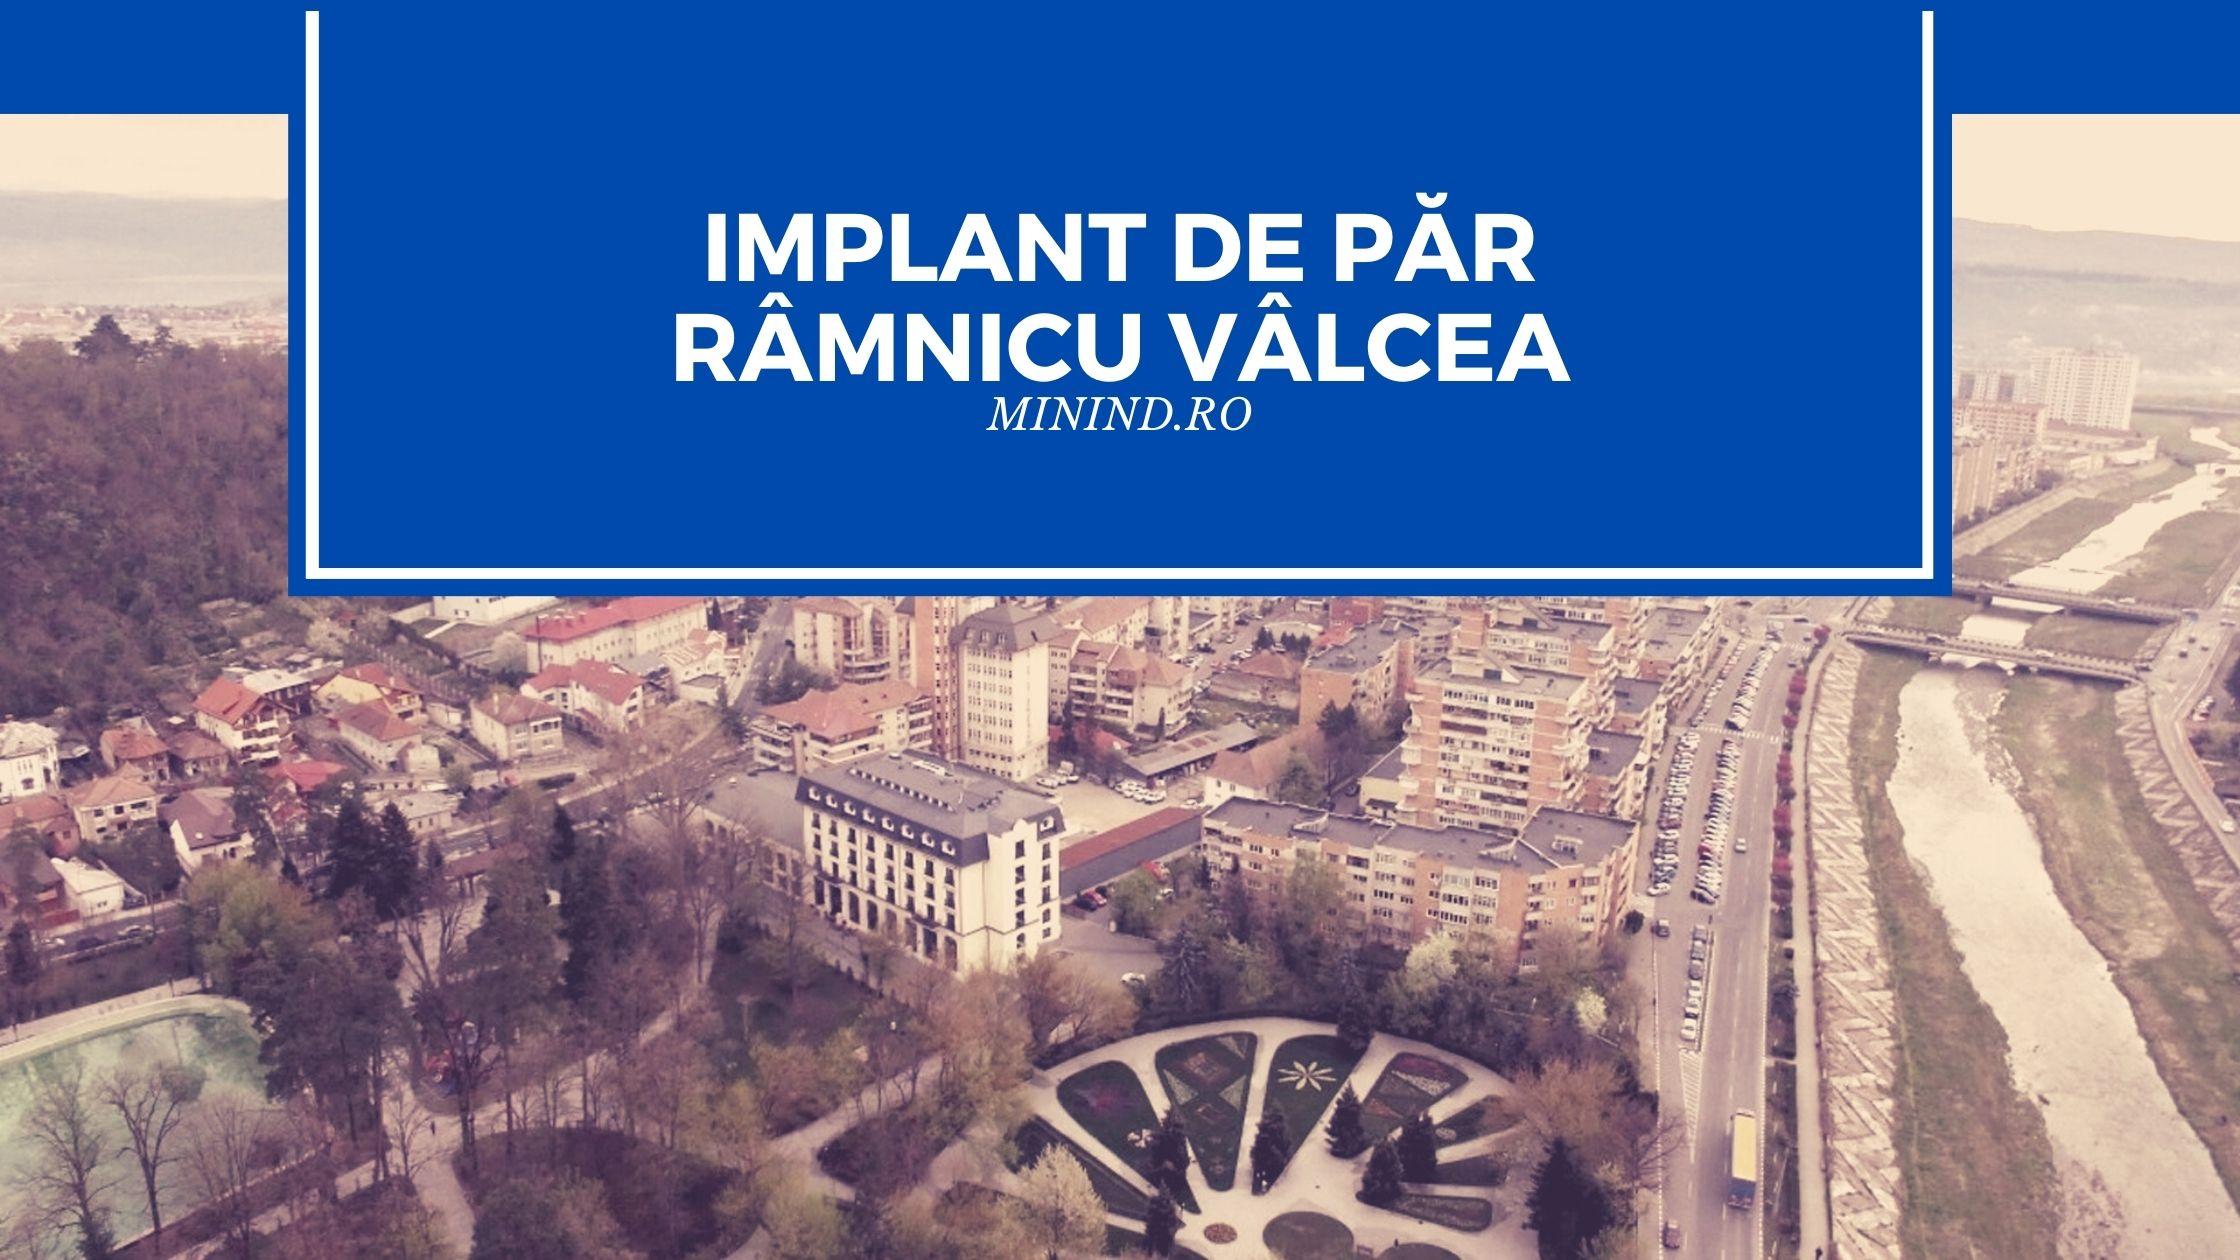 implant de par ramnicu valcea